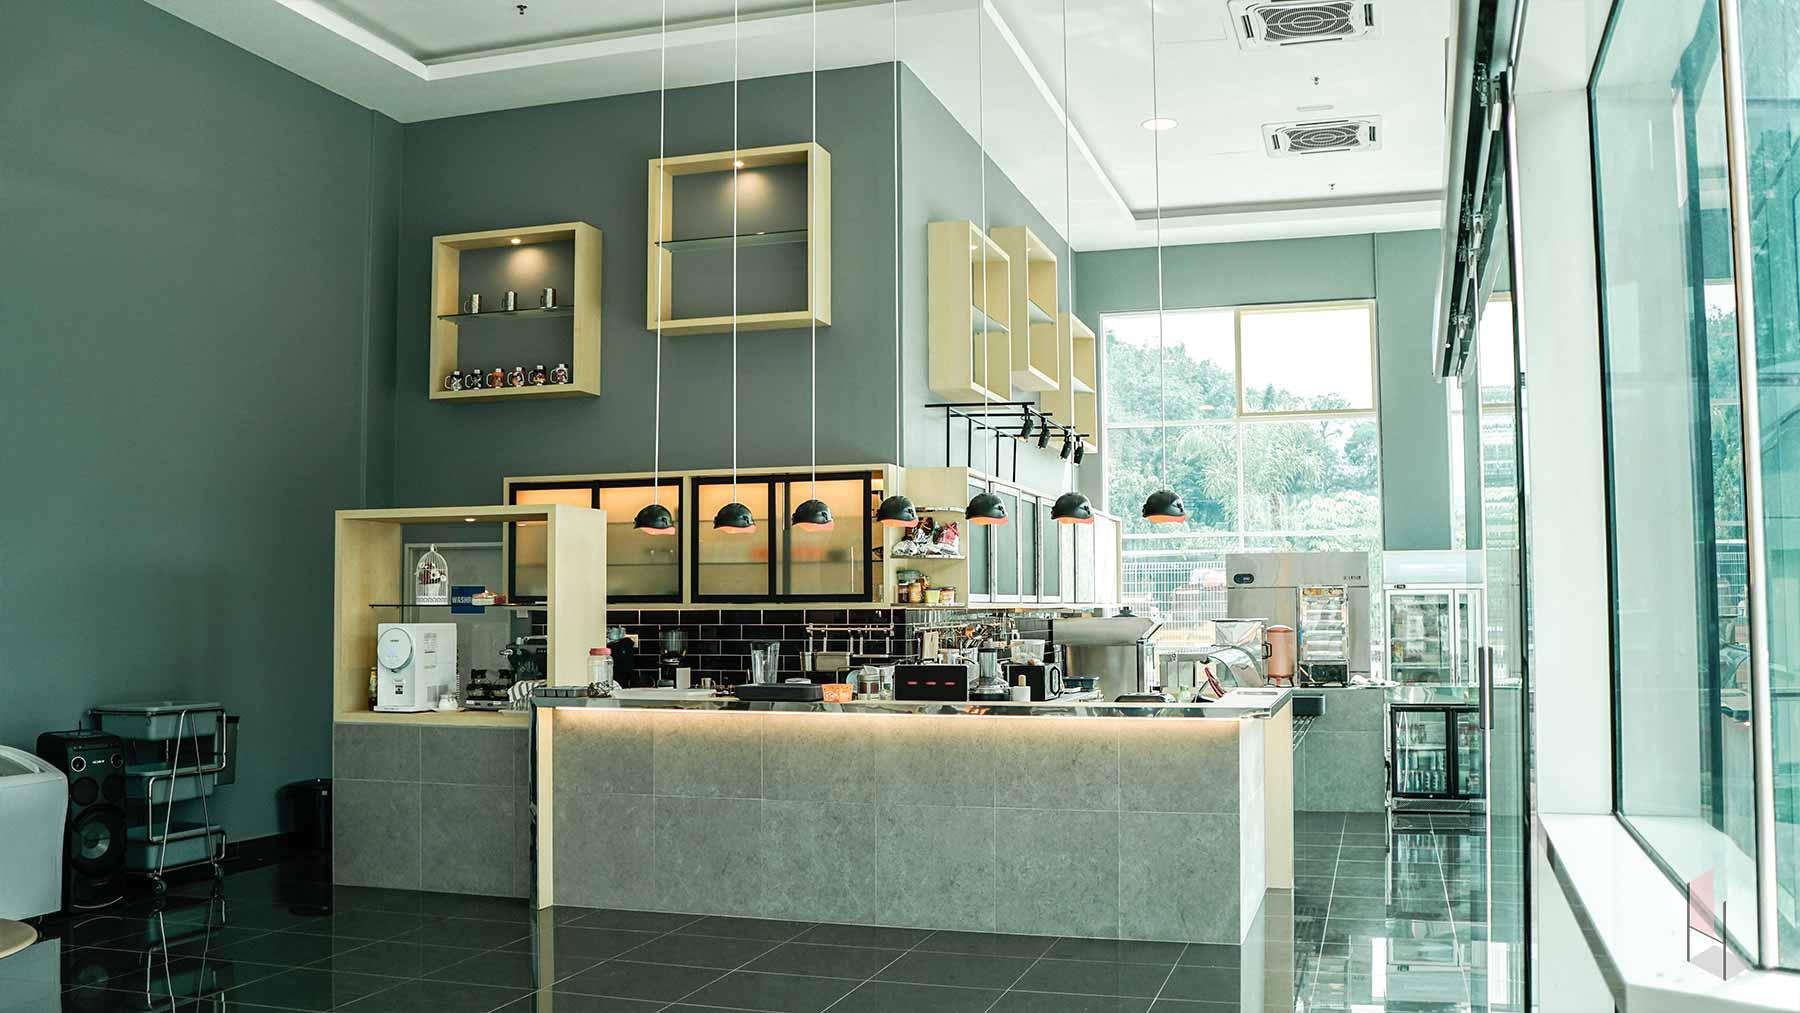 Proguard-Cafe-Edited-Cafearea